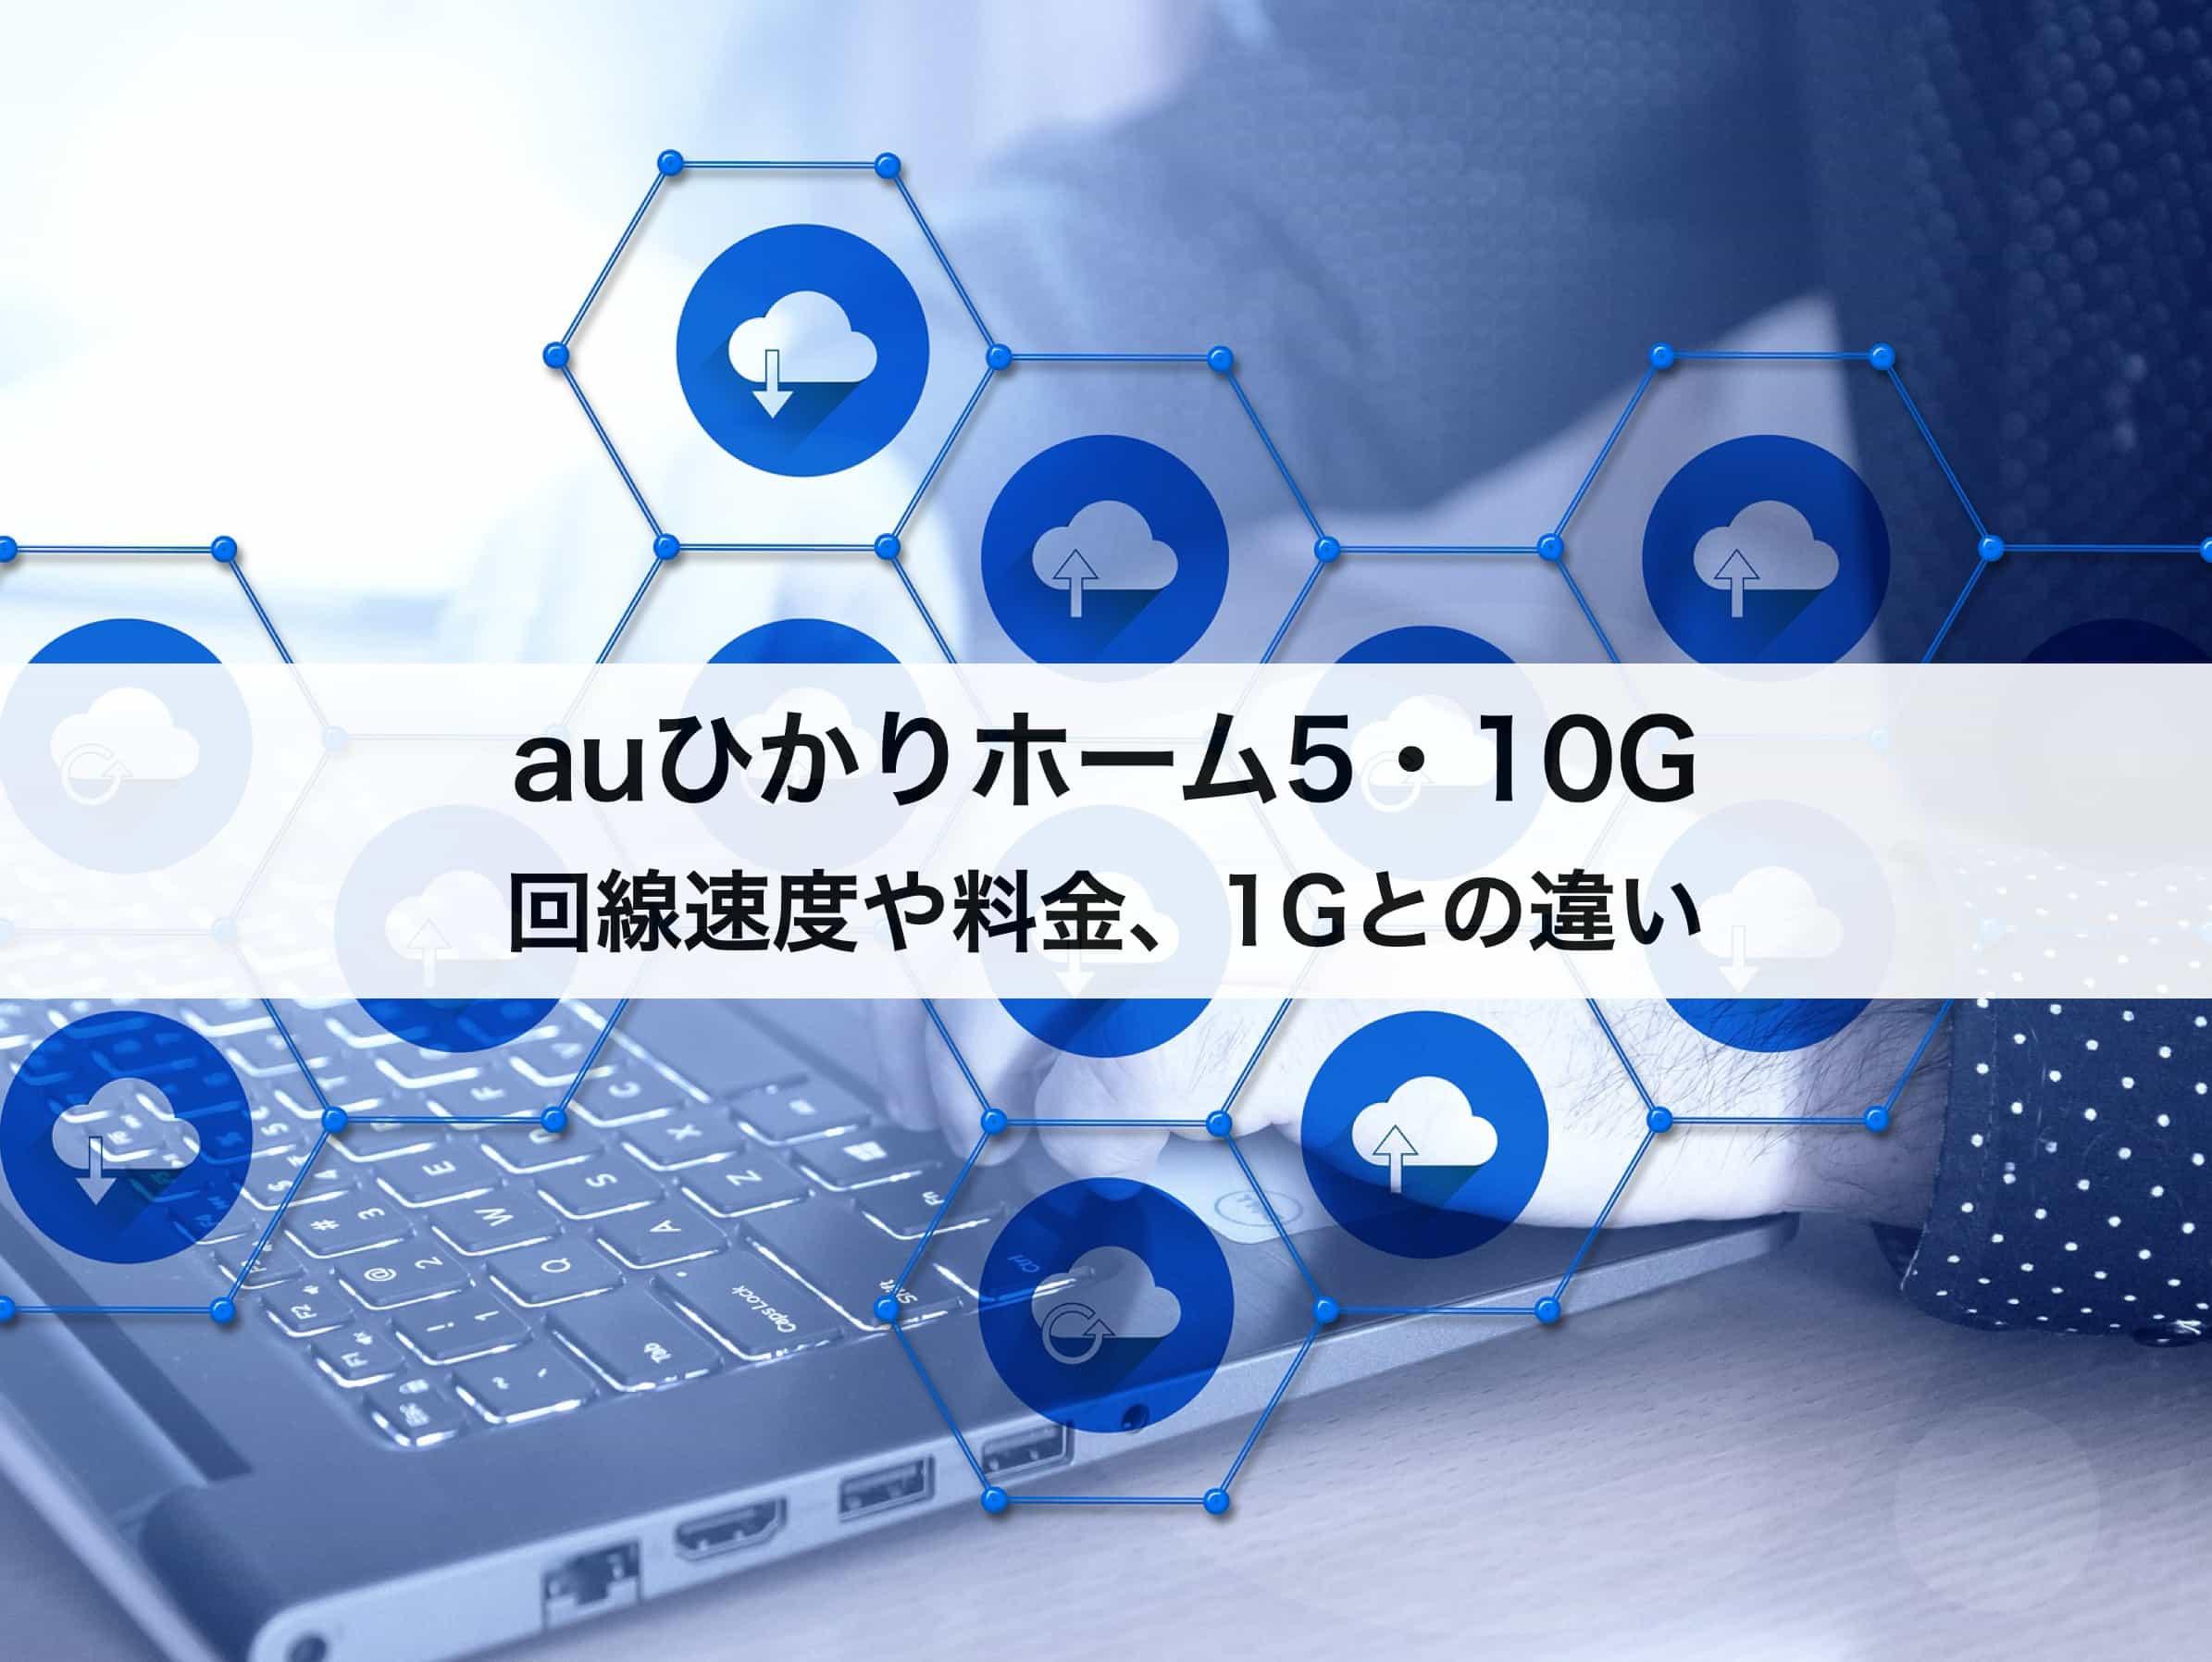 auひかり「ホーム5G・10G」の評判|回線速度や料金、1Gとの違いなど解説!